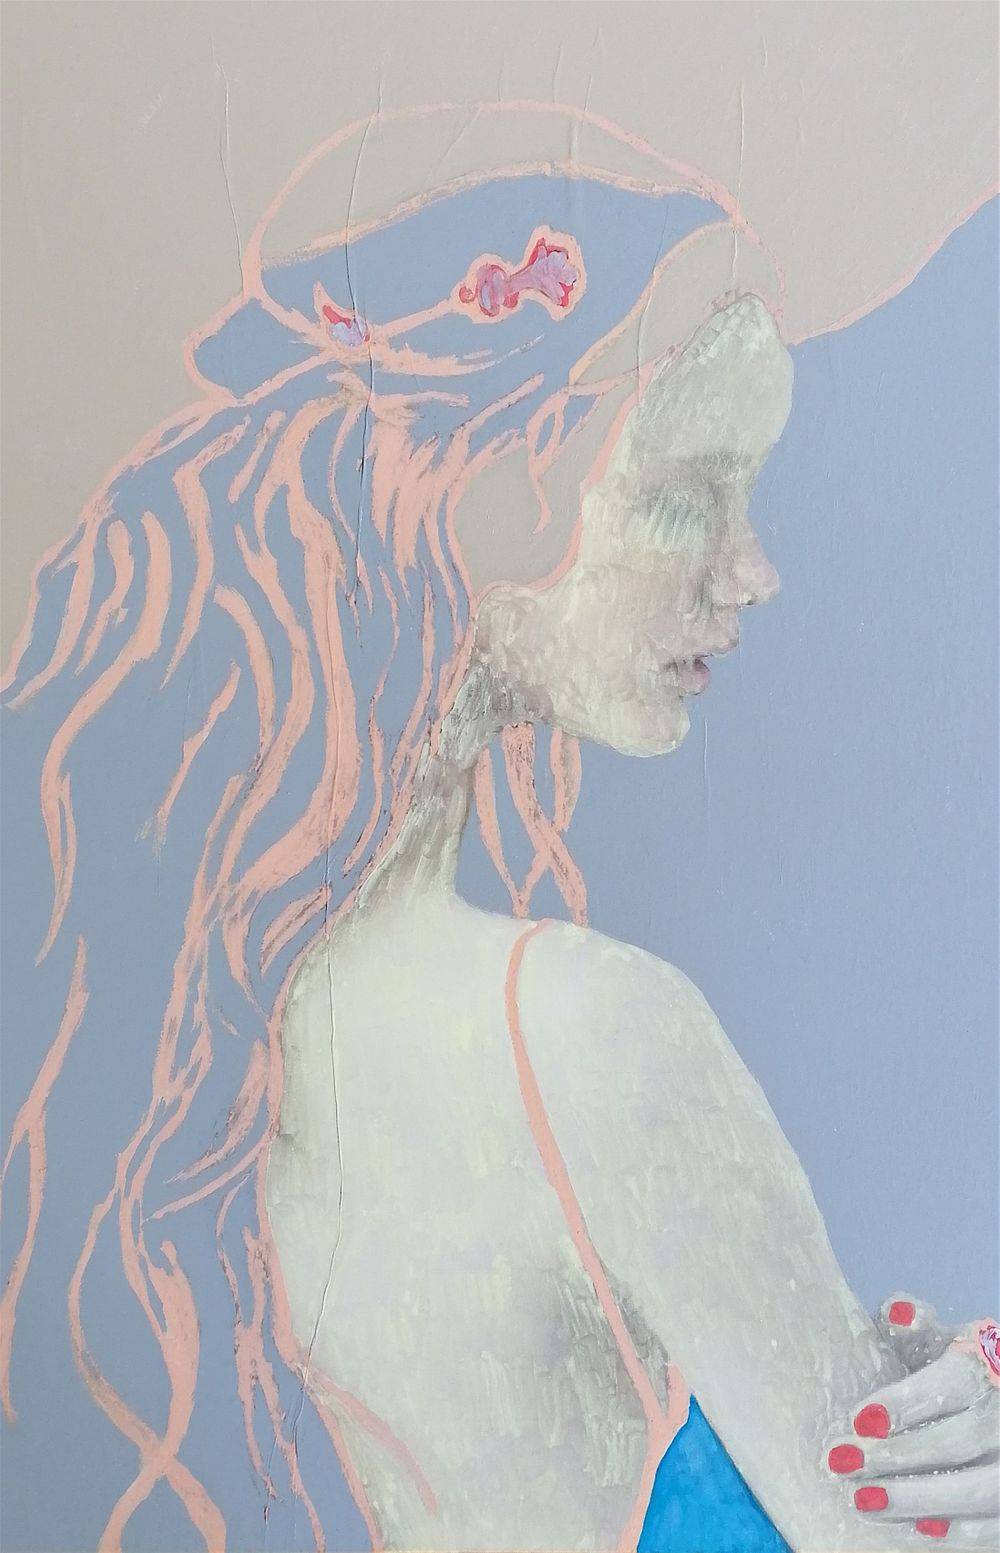 Aquarelle, Acrylique, Violette, Histoire de l'art, Portrait, Femme